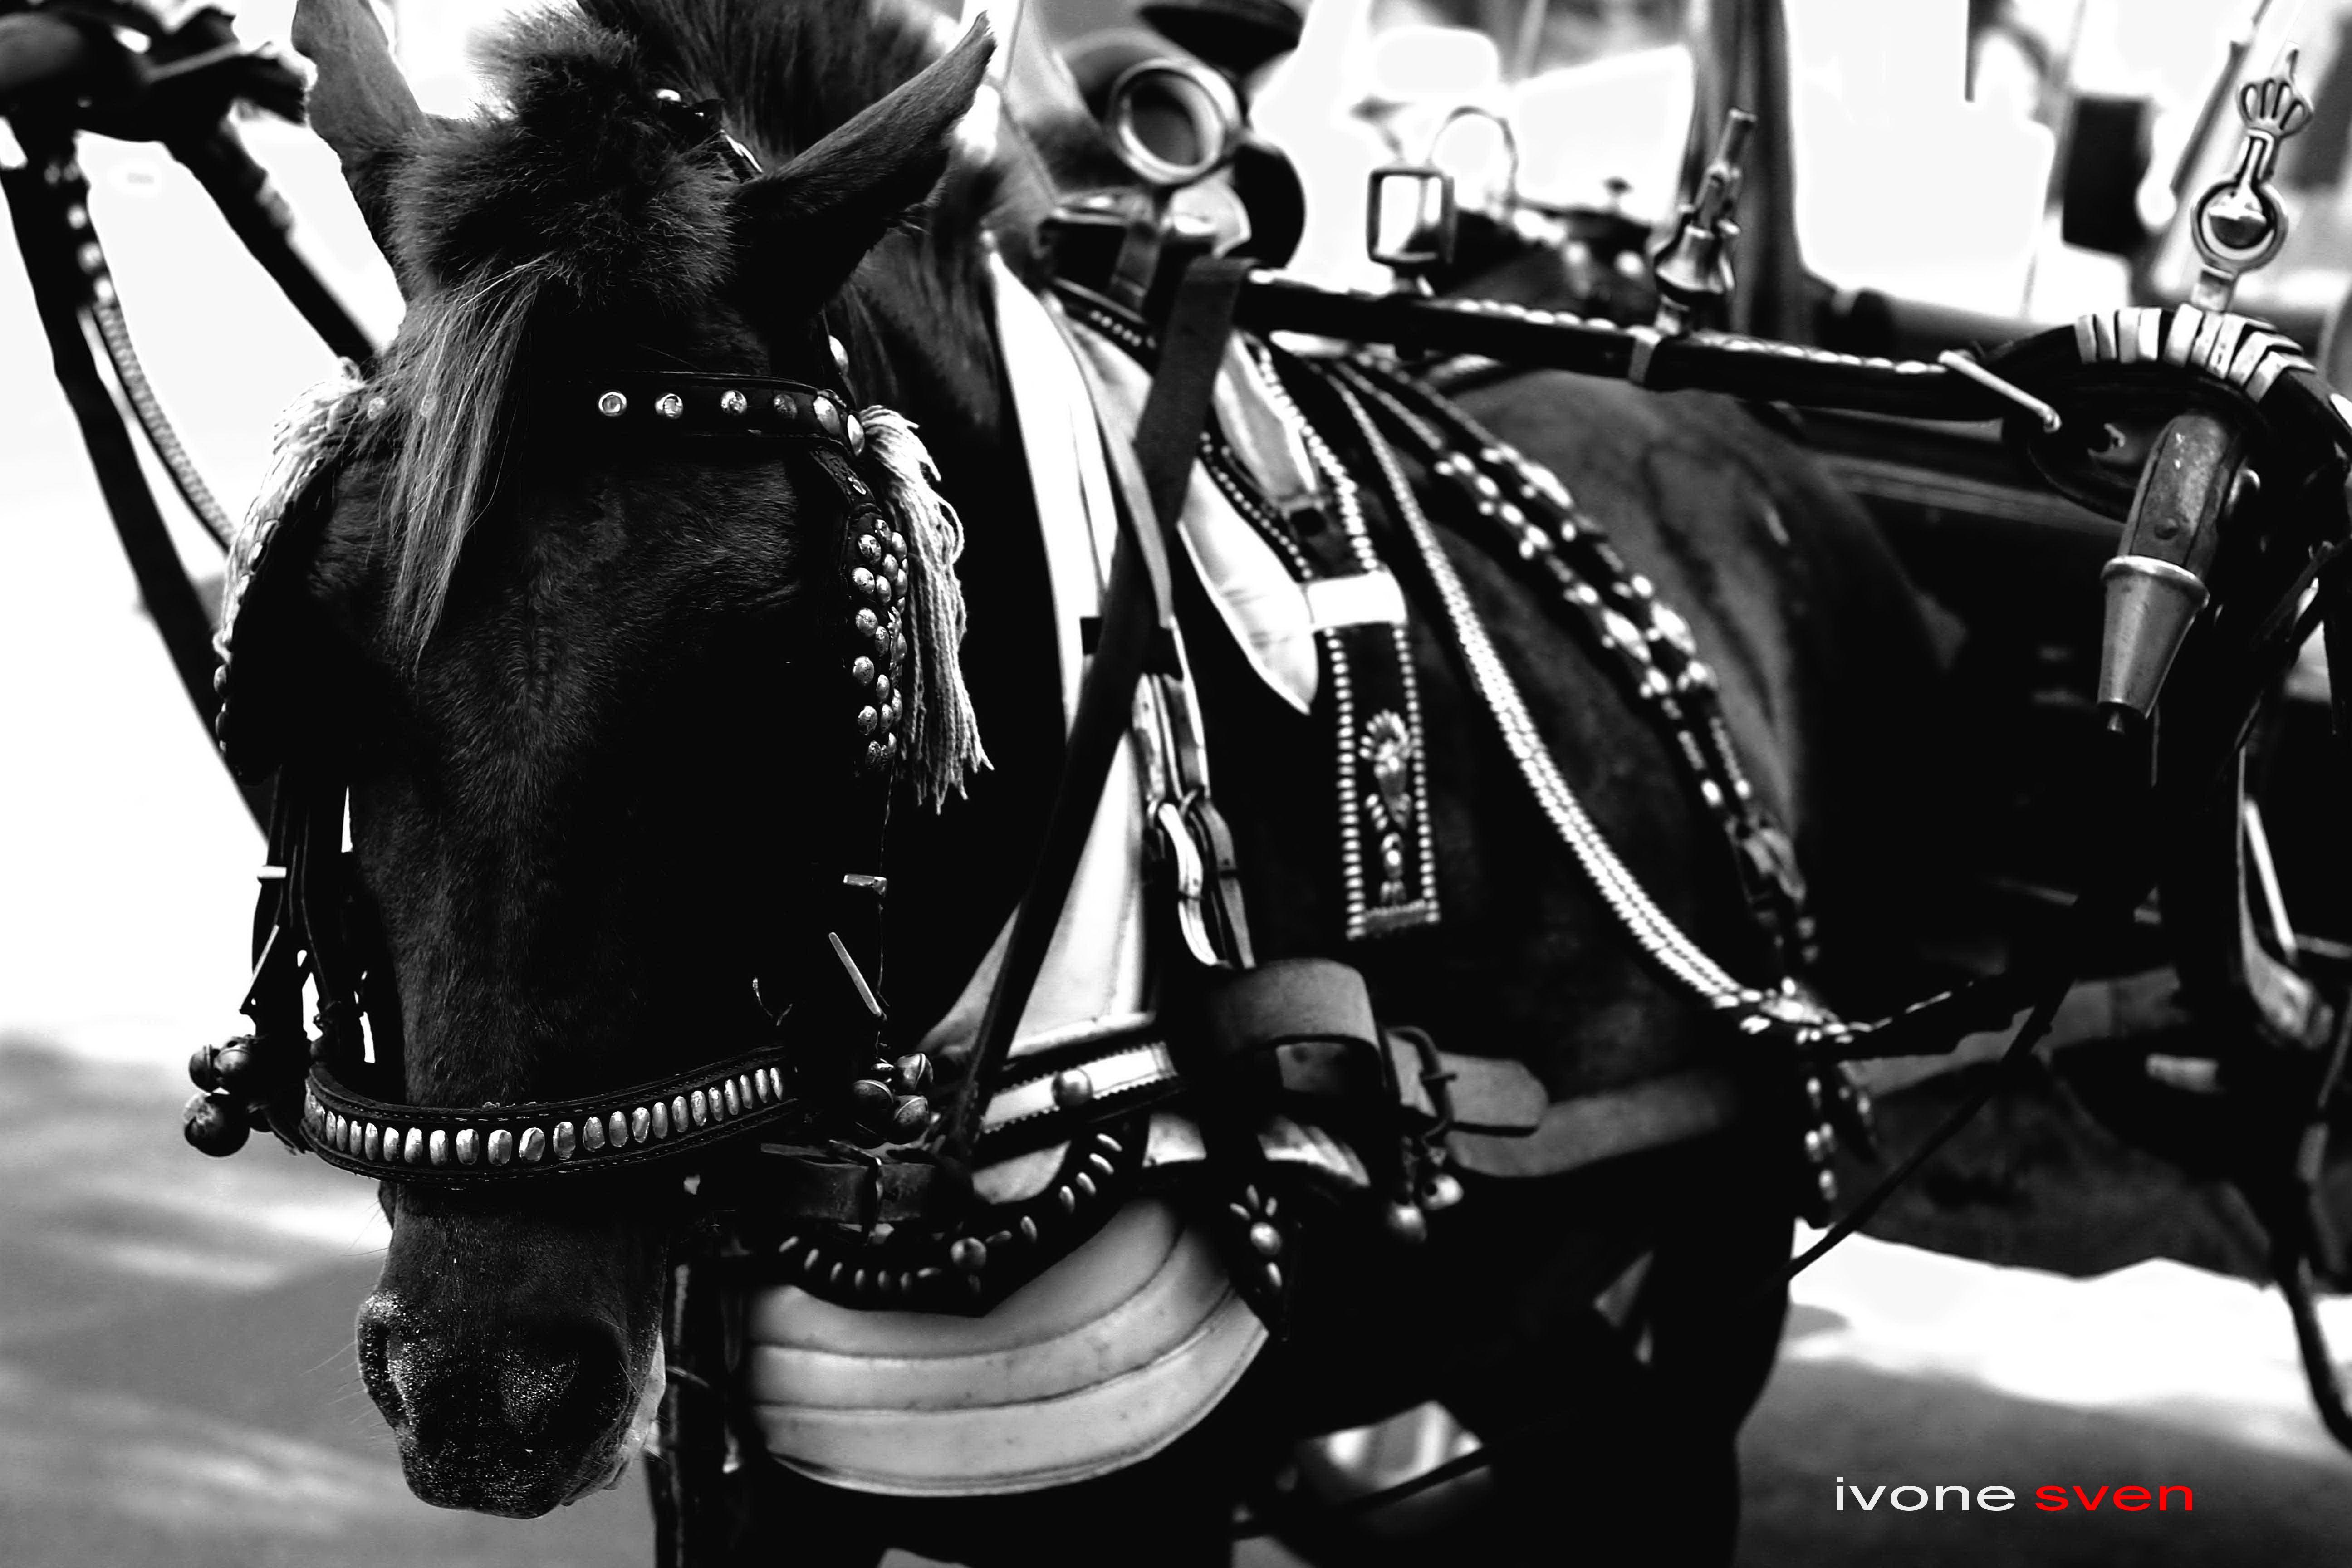 The Kuda